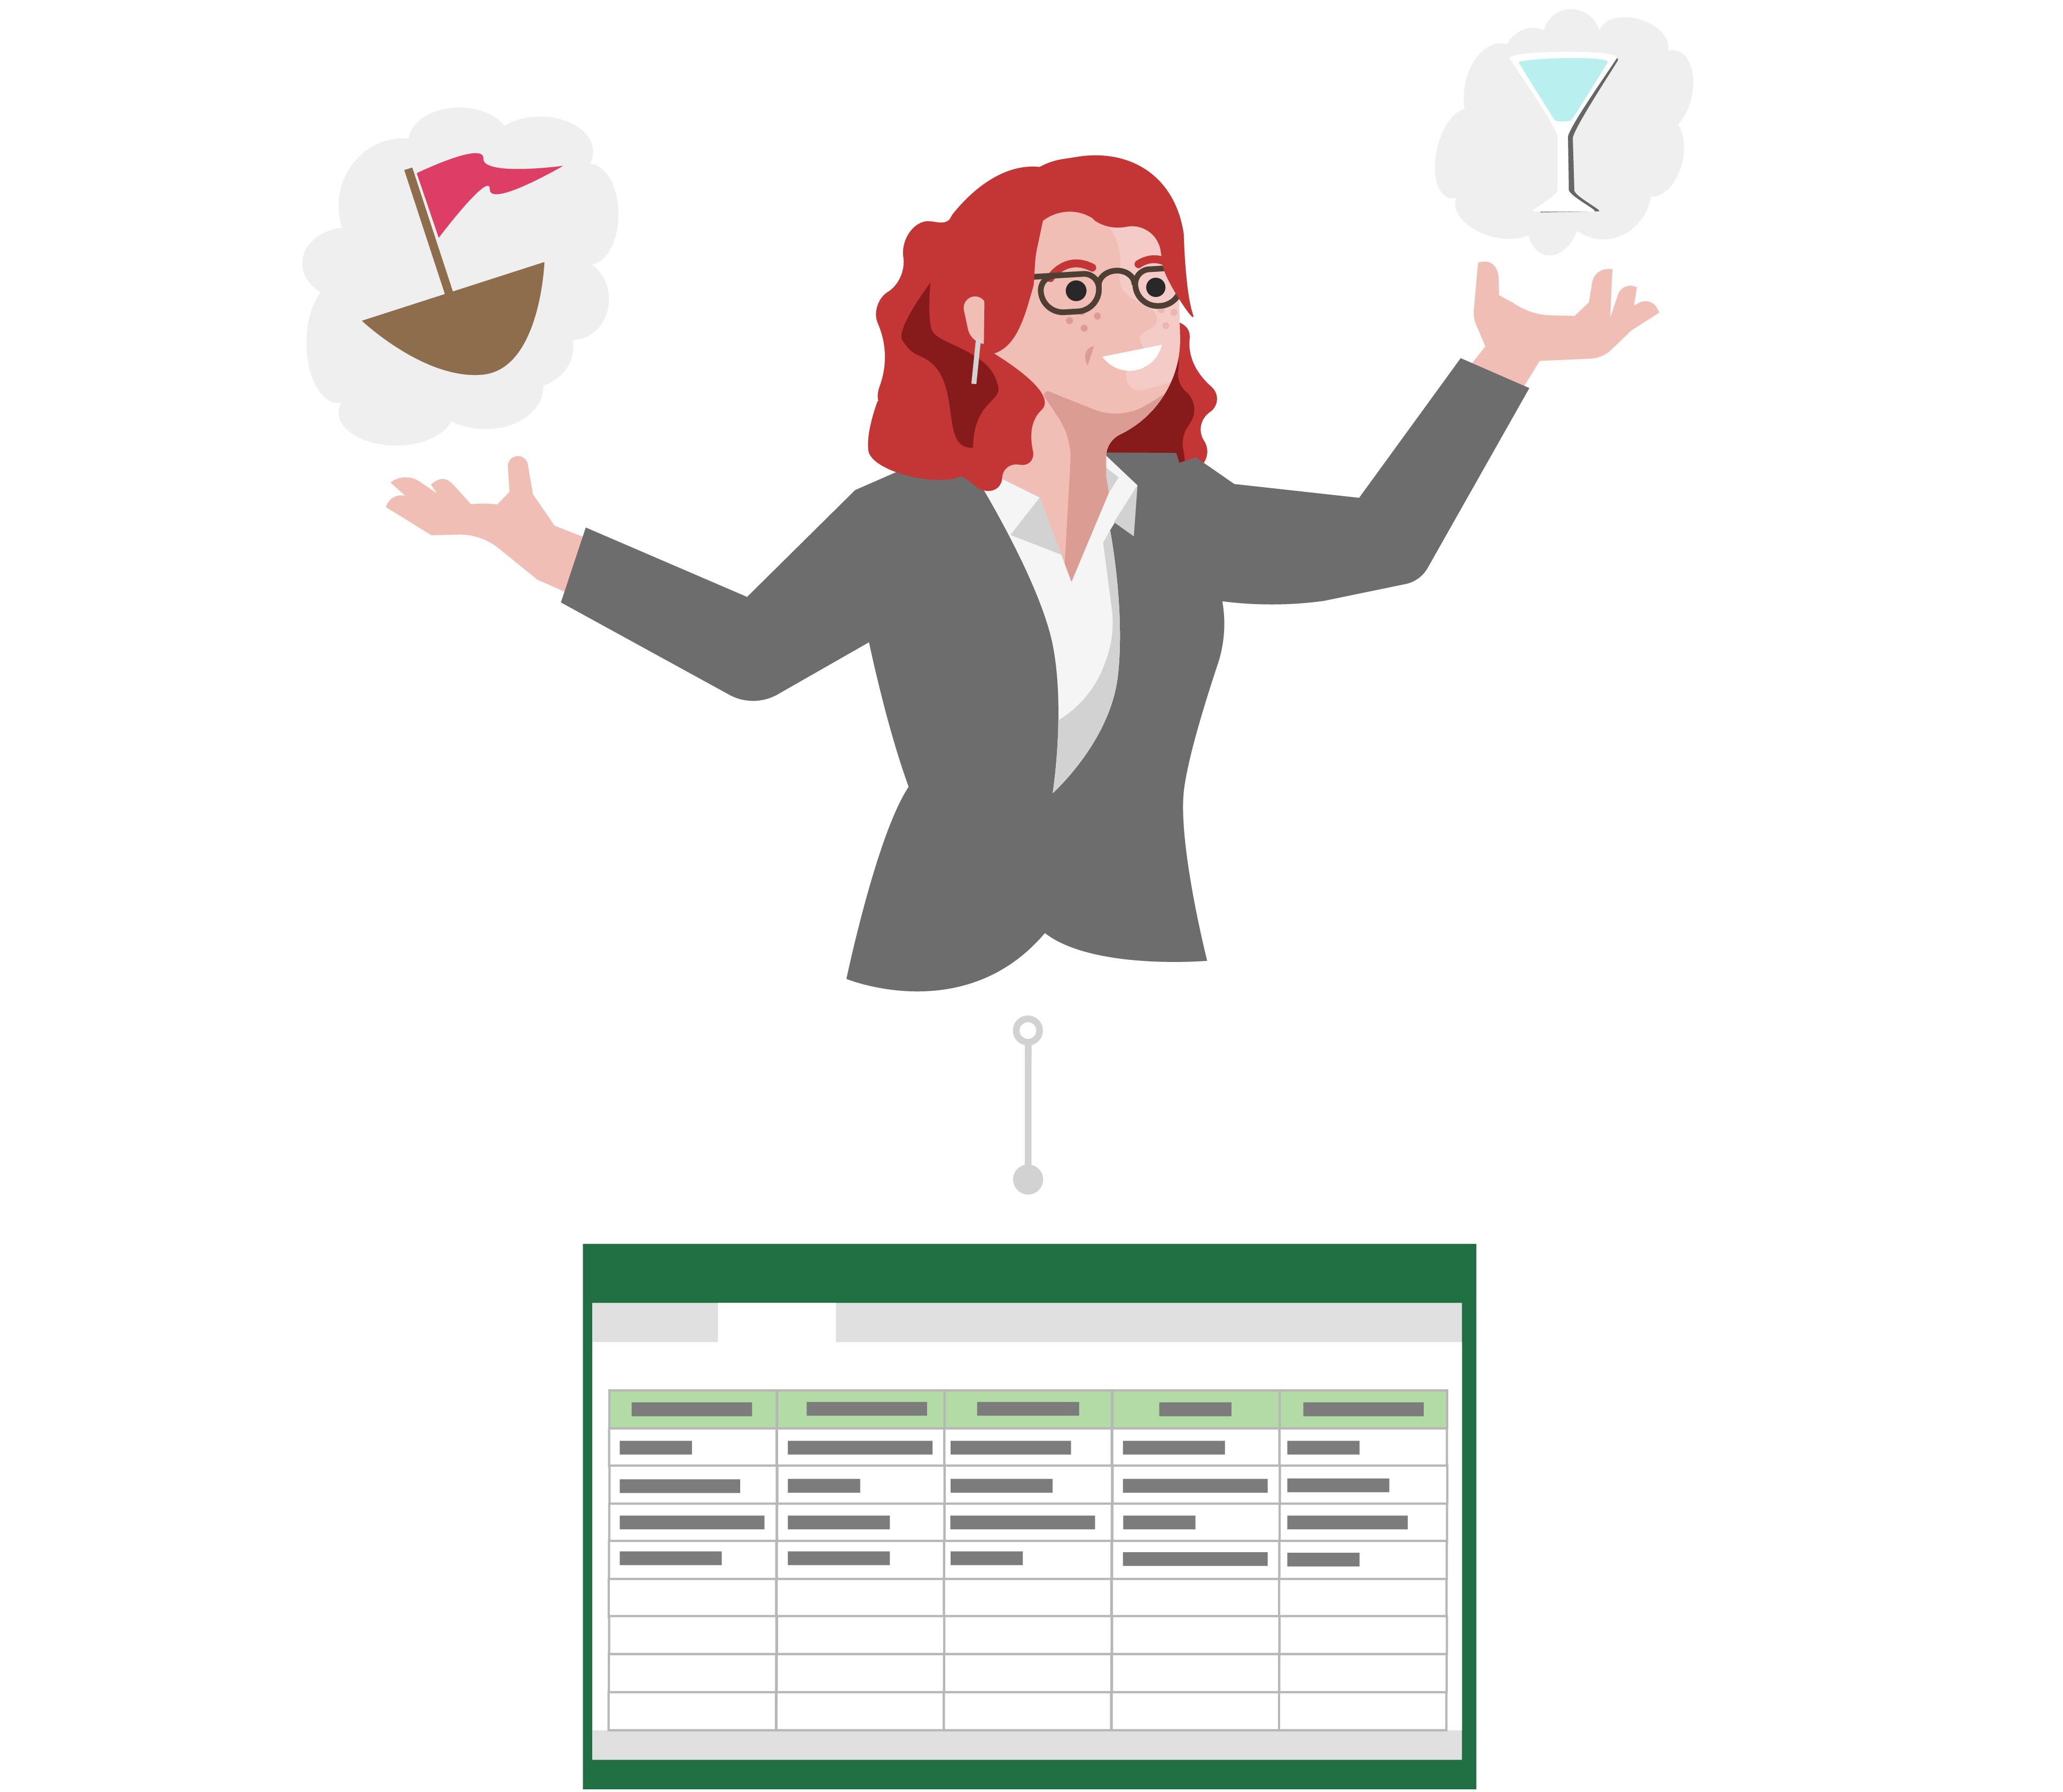 Для Linda требуется обратная связь с идеями, поэтому она создает электронную таблицу и сохраняет ее в облаке.